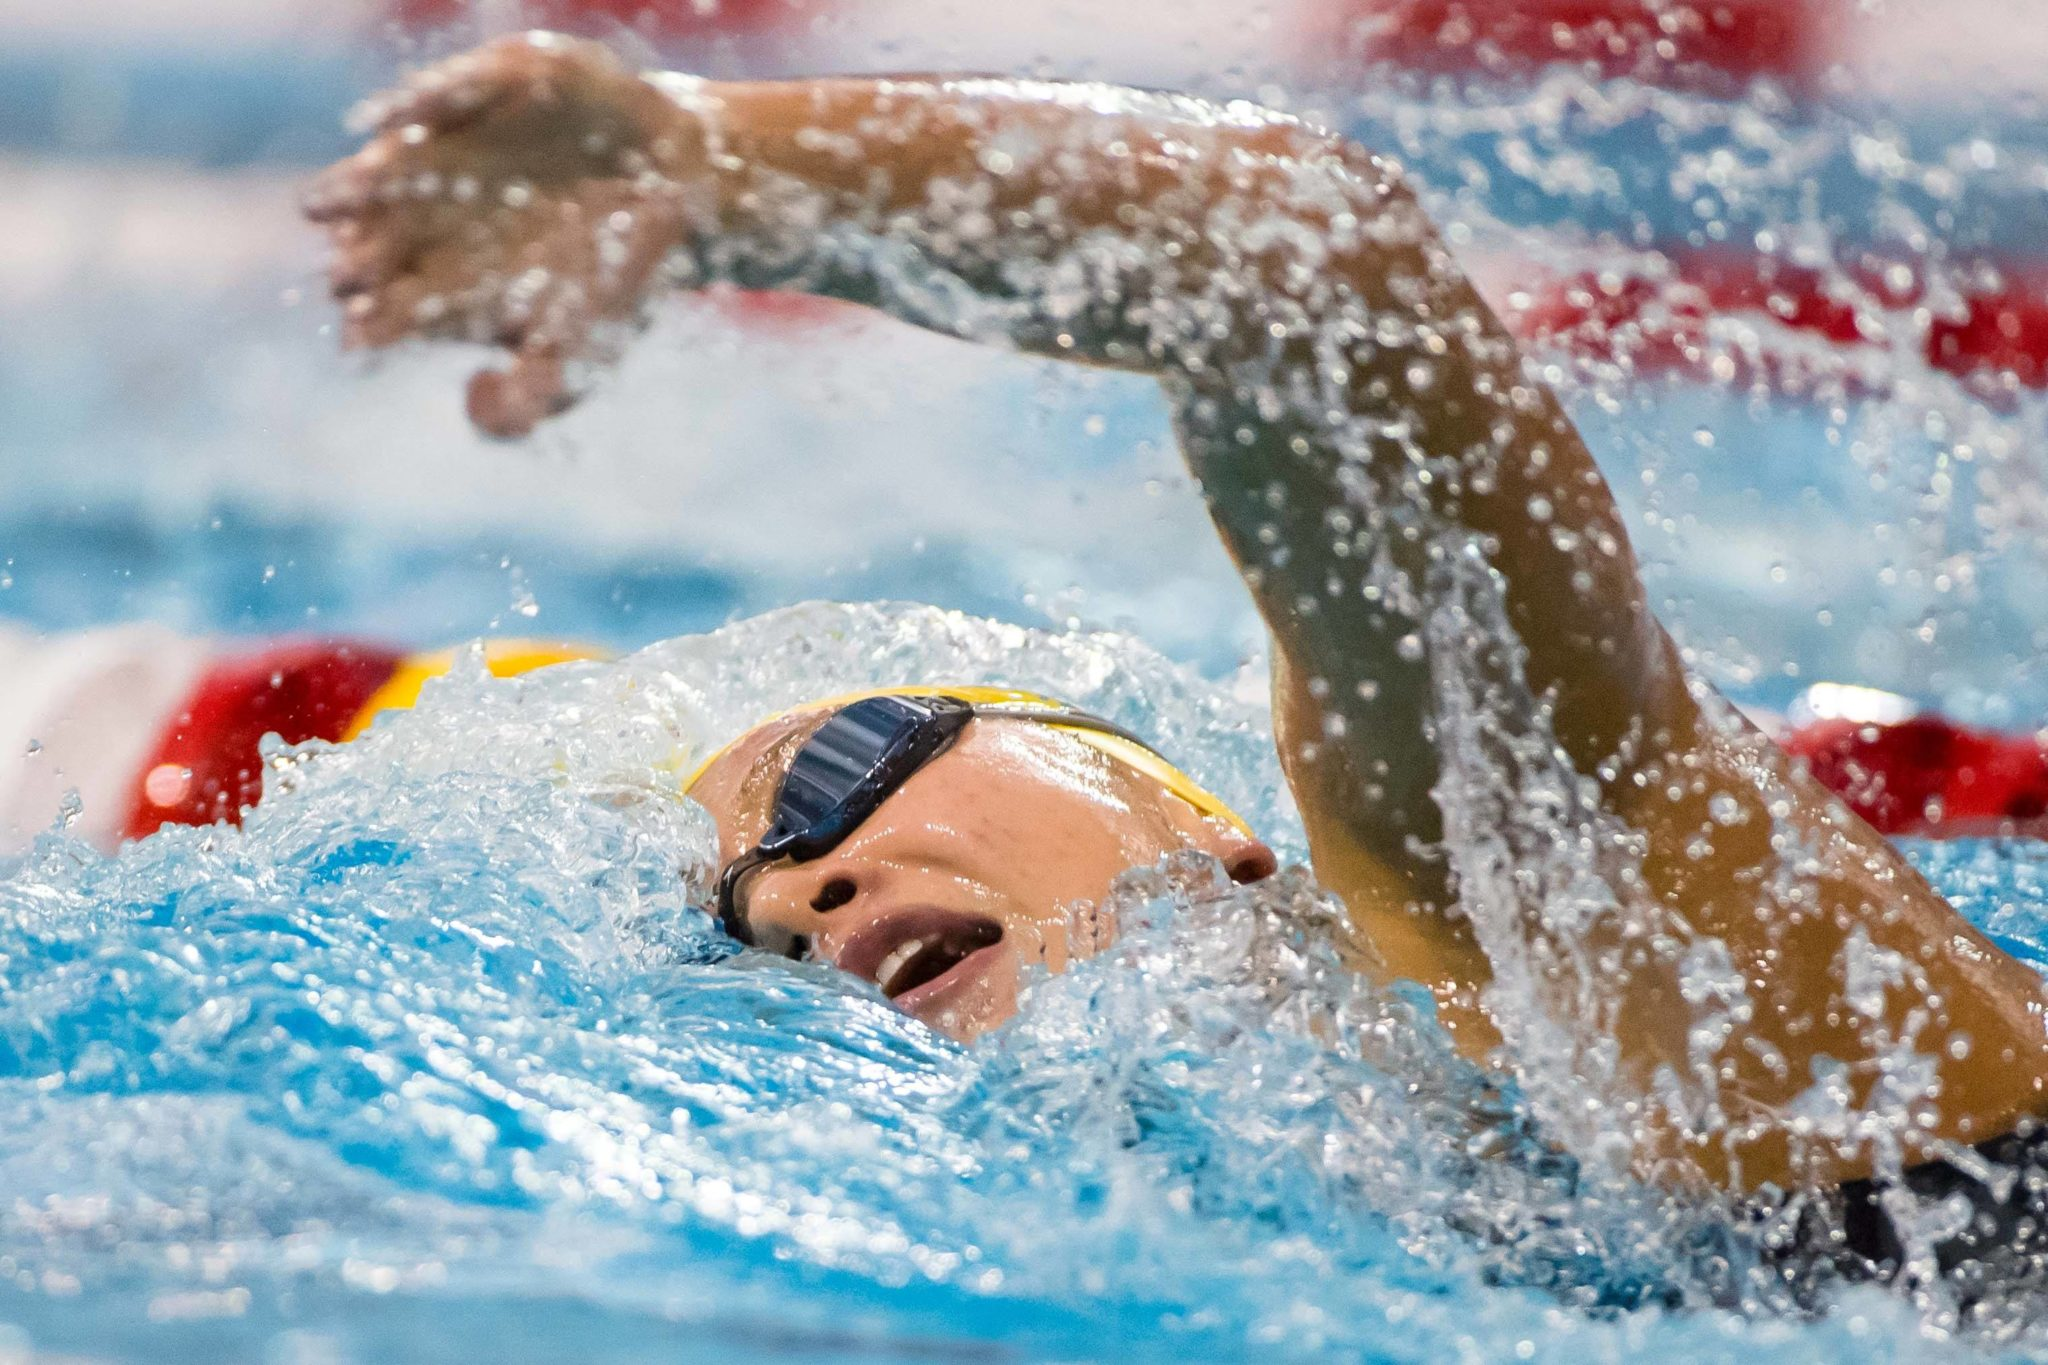 campionati mondiali di nuoto di gwangju 2019 medaglie per paese - photo #7